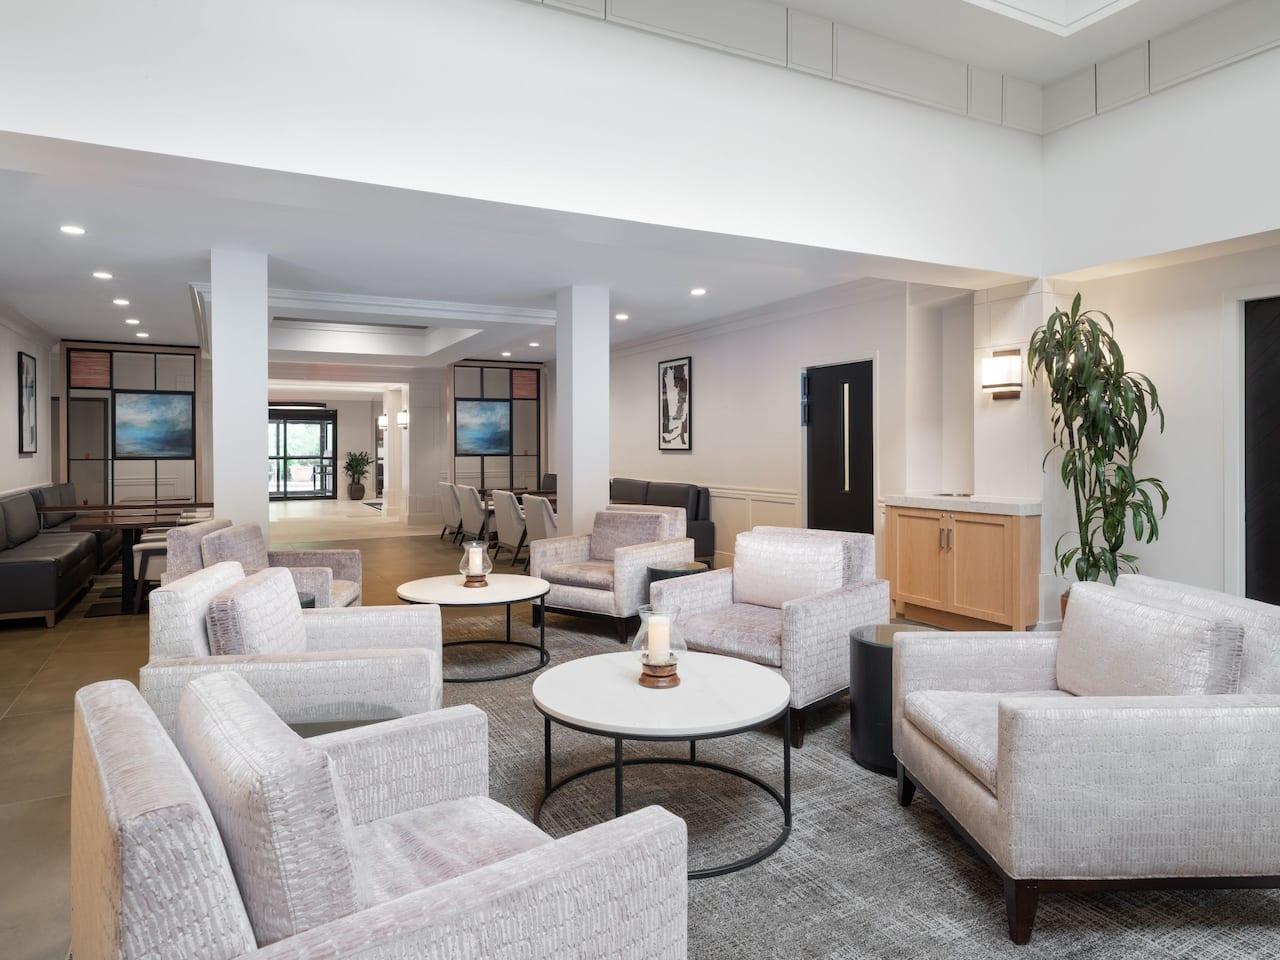 Hyatt House Lobby Seating